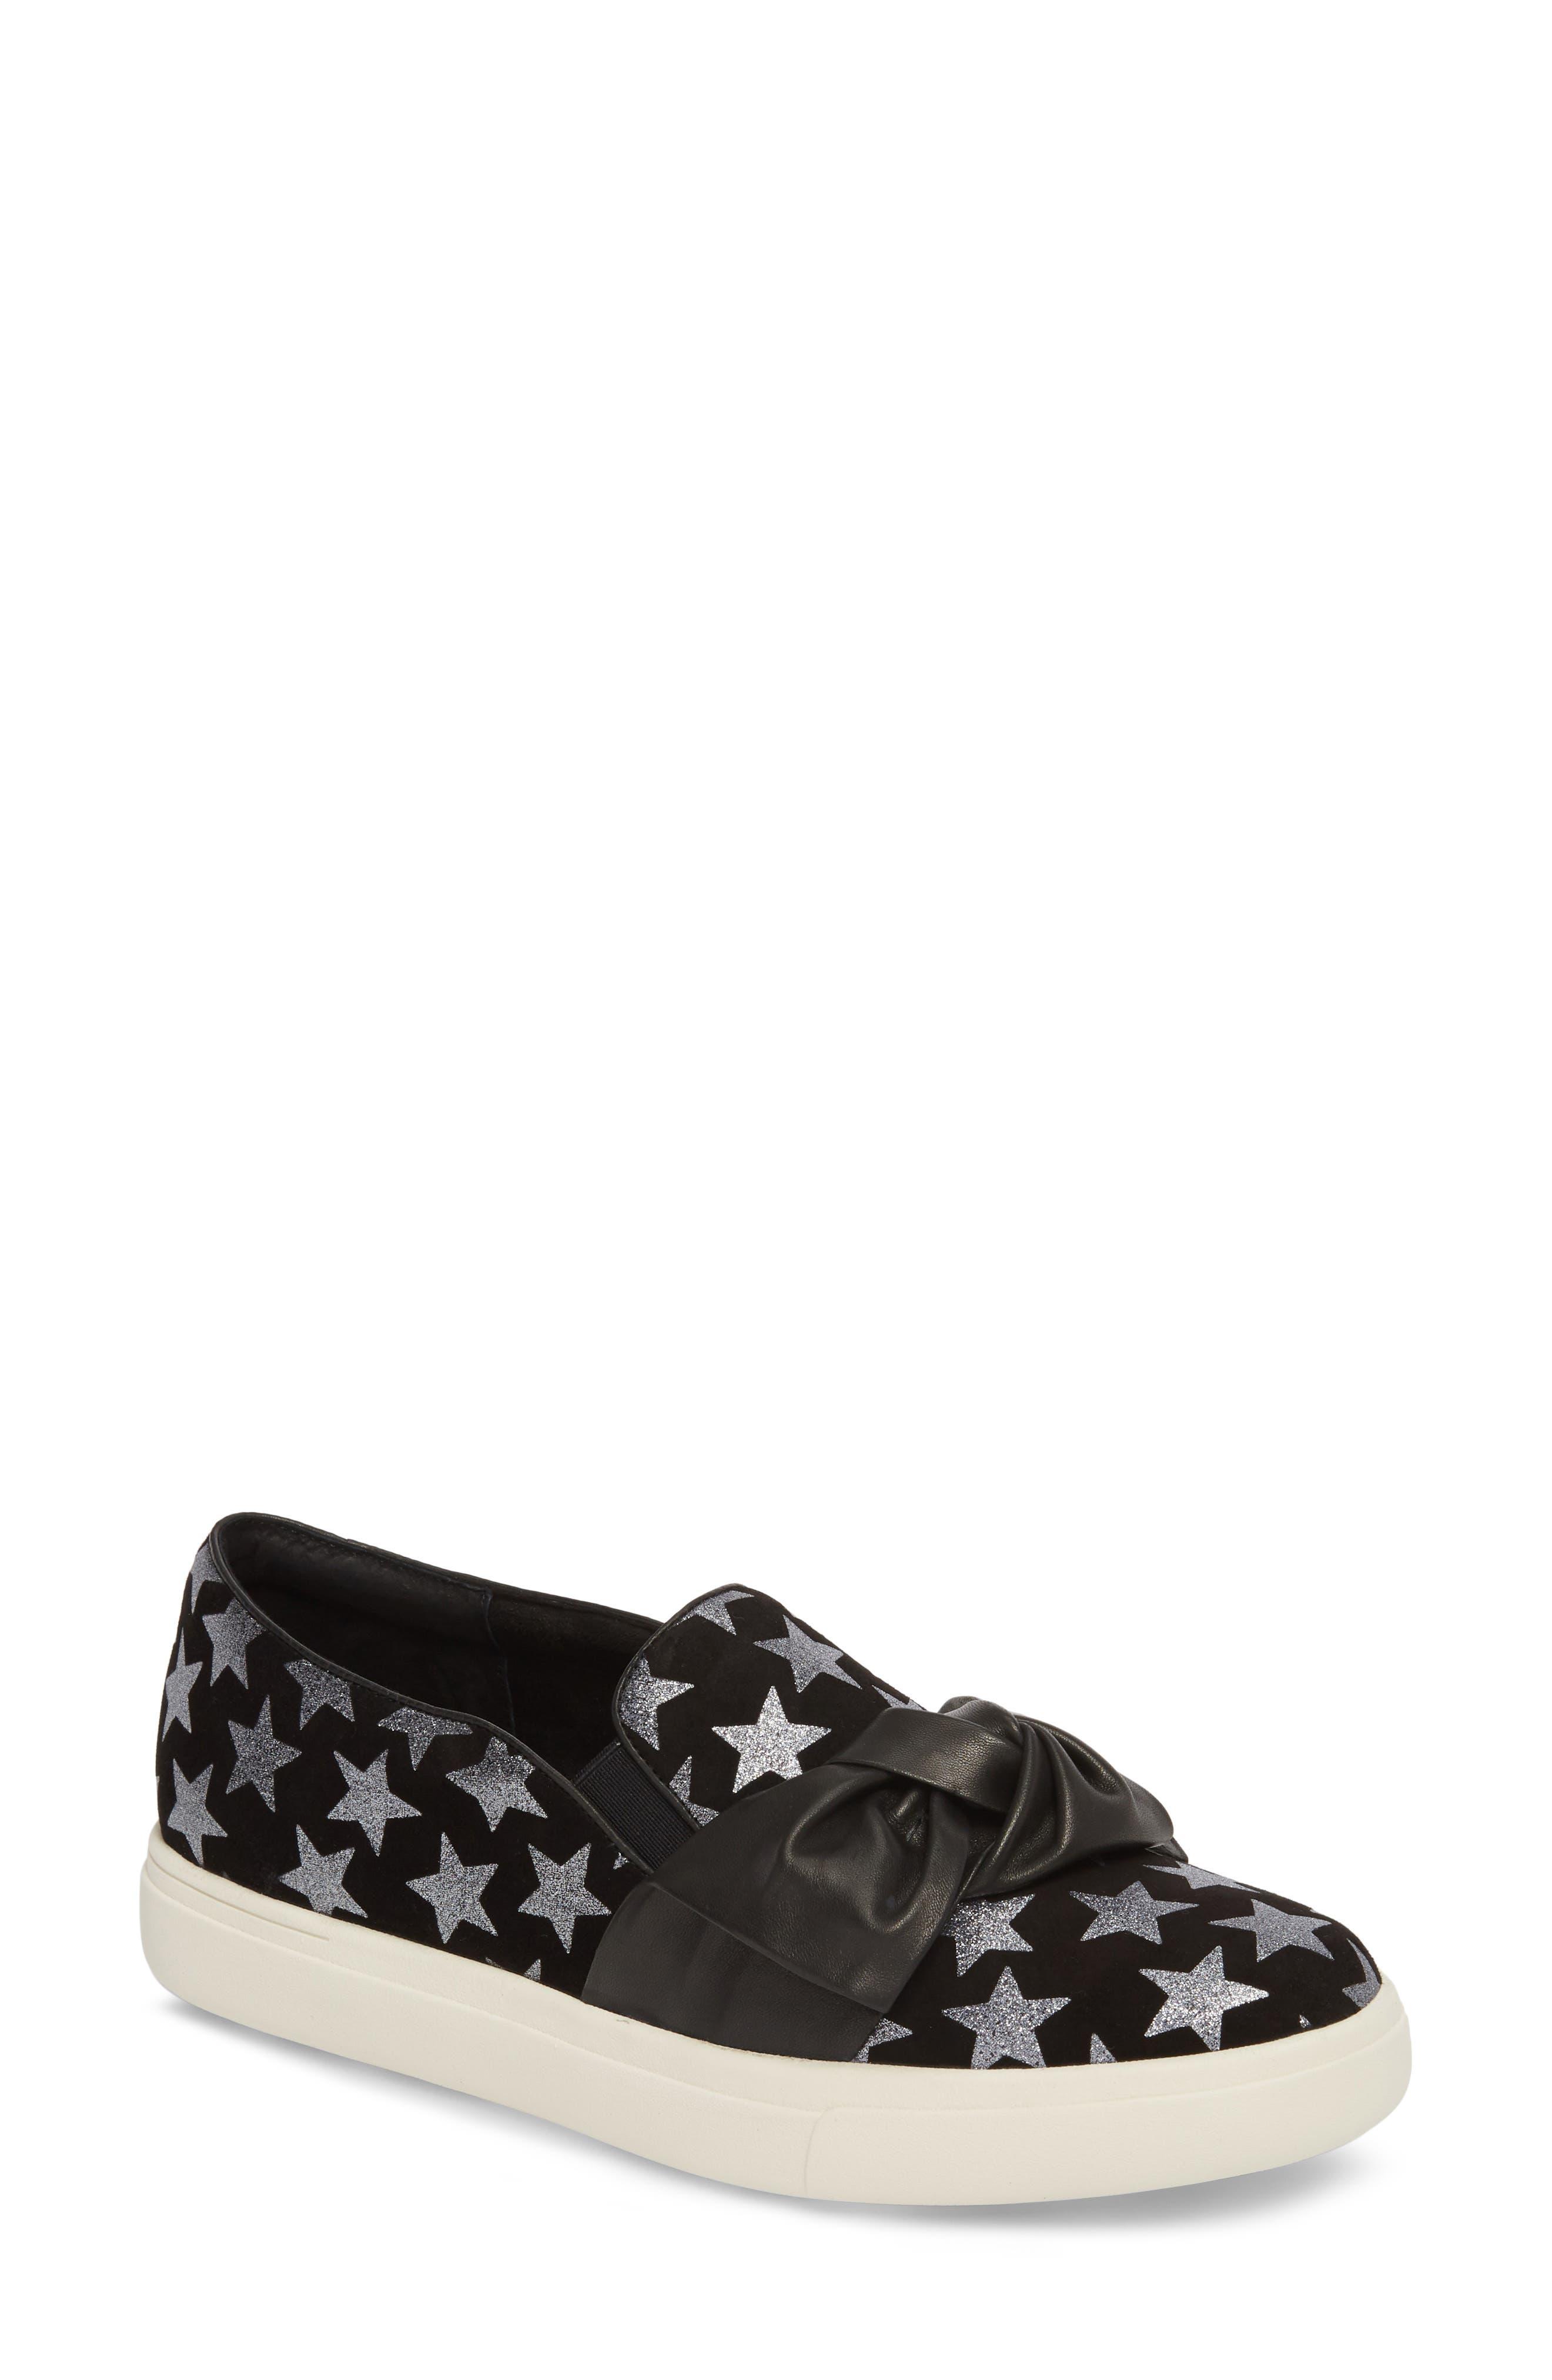 VANELI Odelet Slip-On Sneaker, Main, color, BLACK/ PEWTER SUEDE